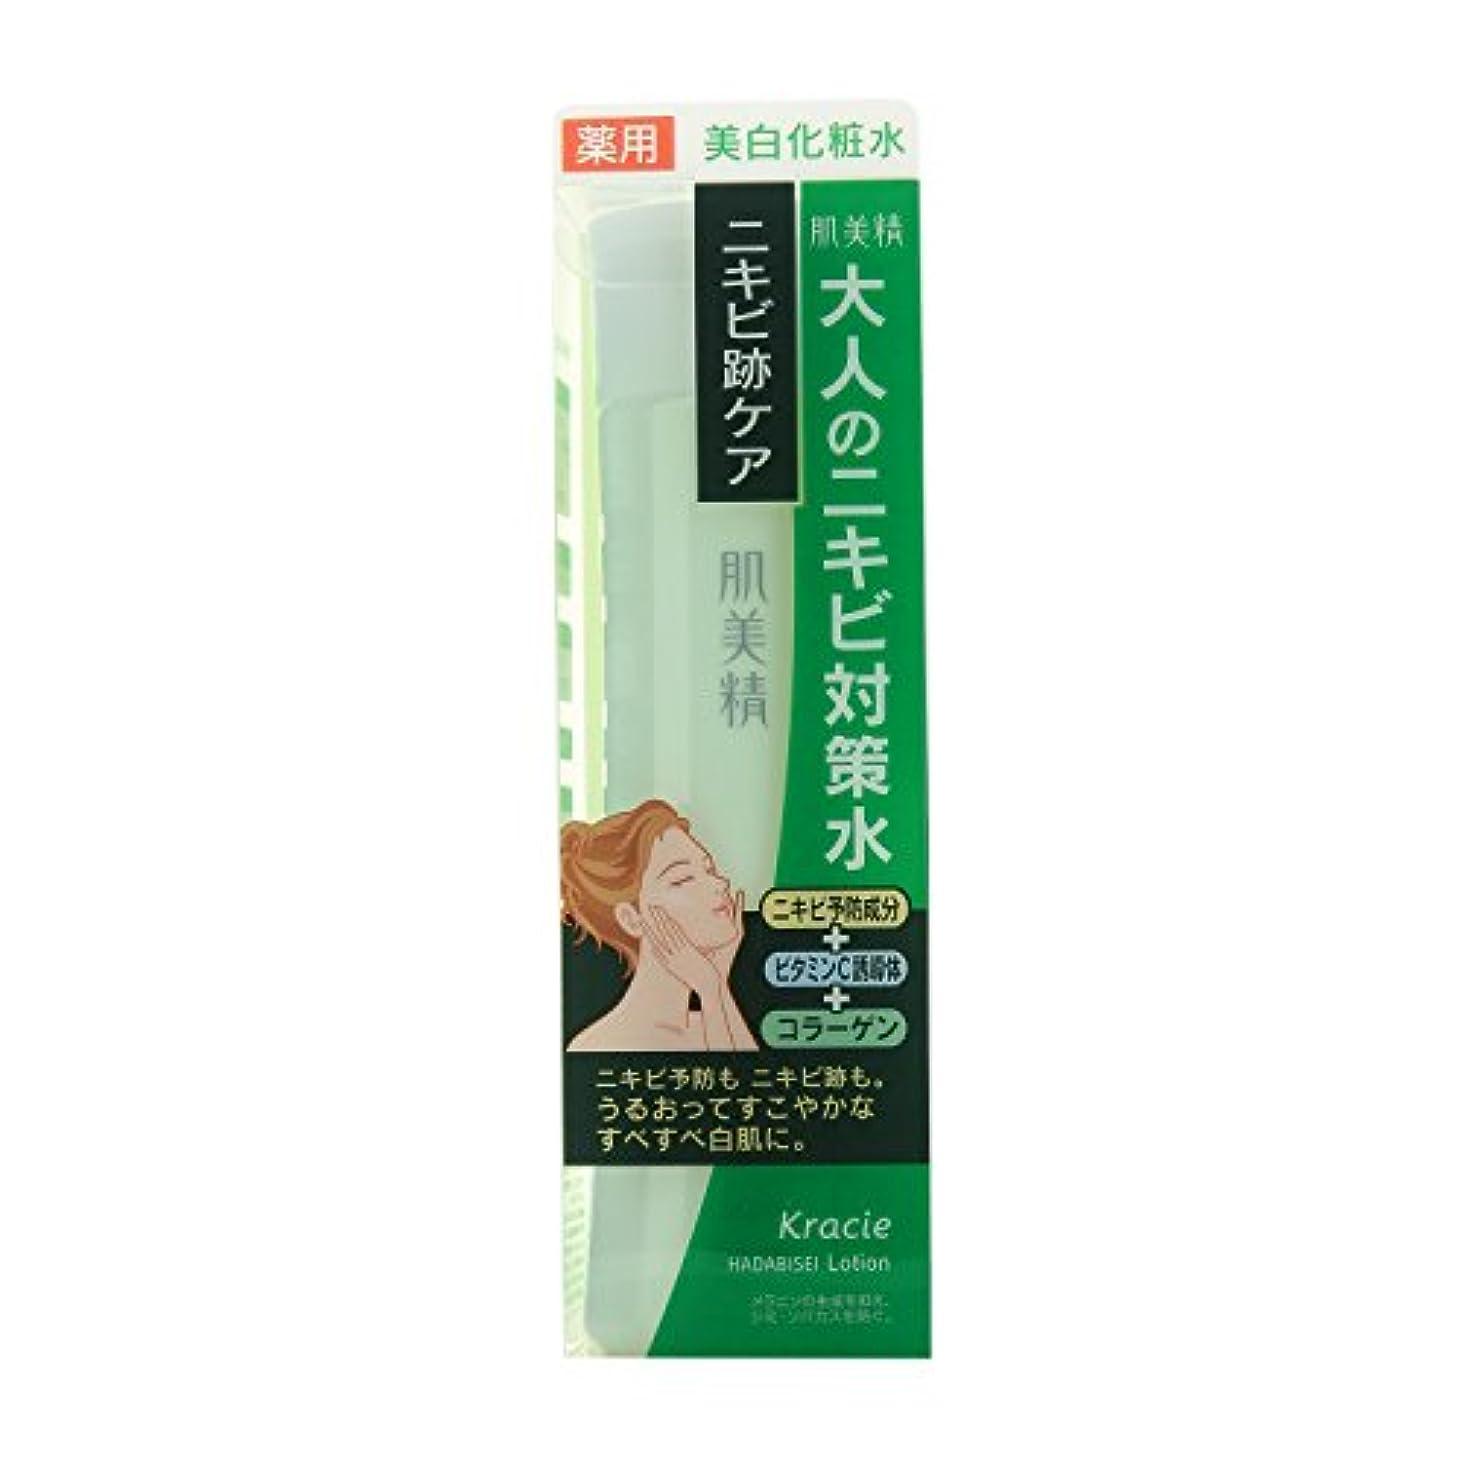 肌美精 クリアホワイトローション (アクネケア) 200mL [医薬部外品]